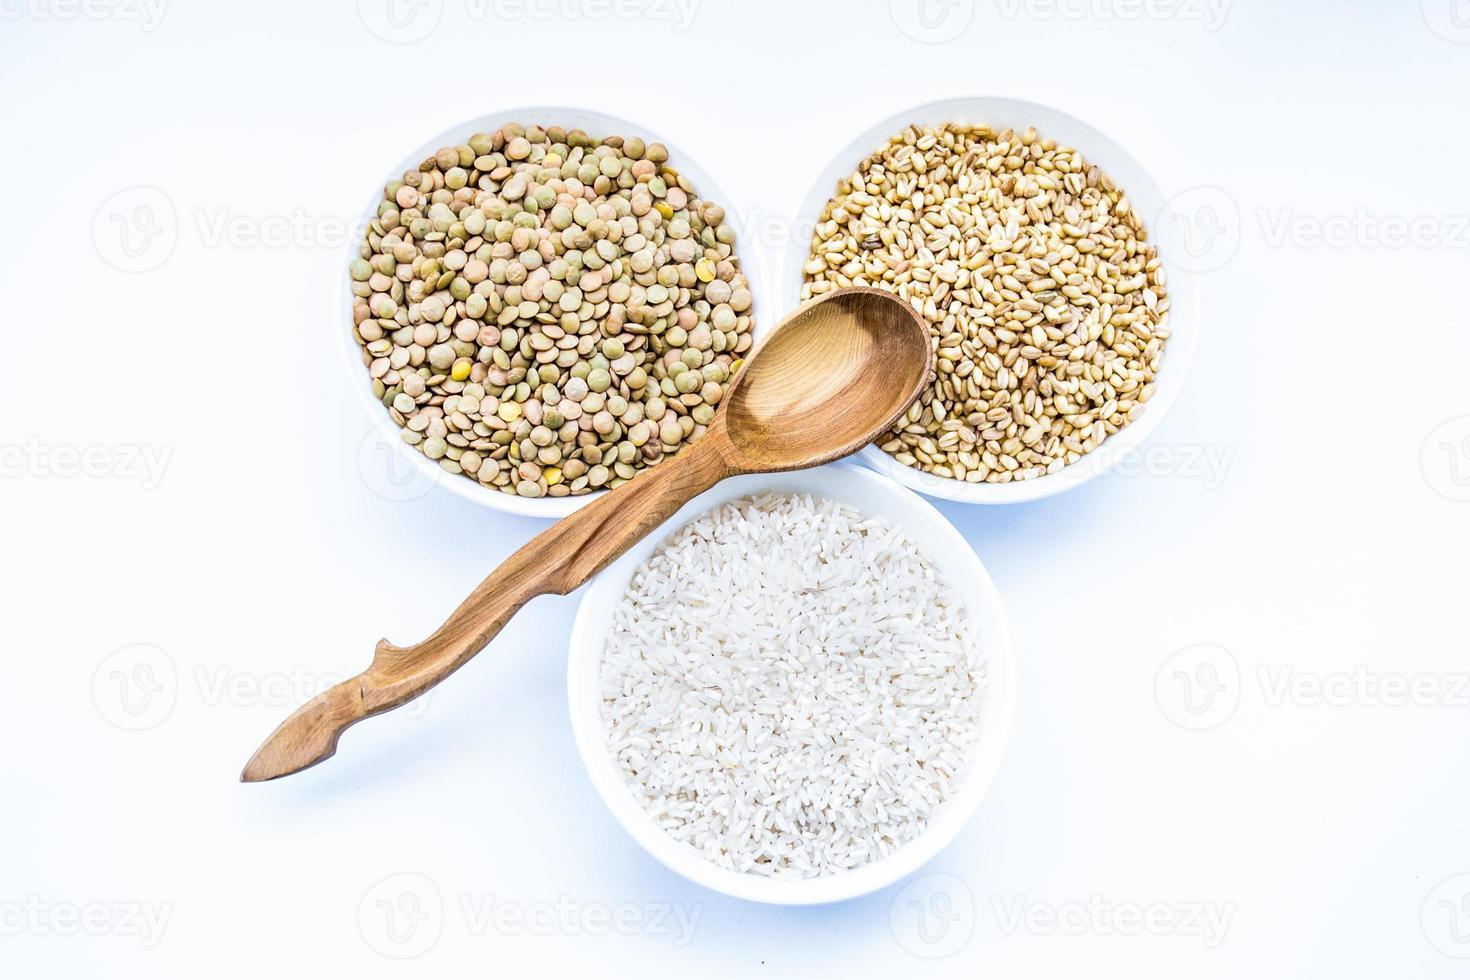 céréales riz, lentilles, blé et cuillère en bois photo